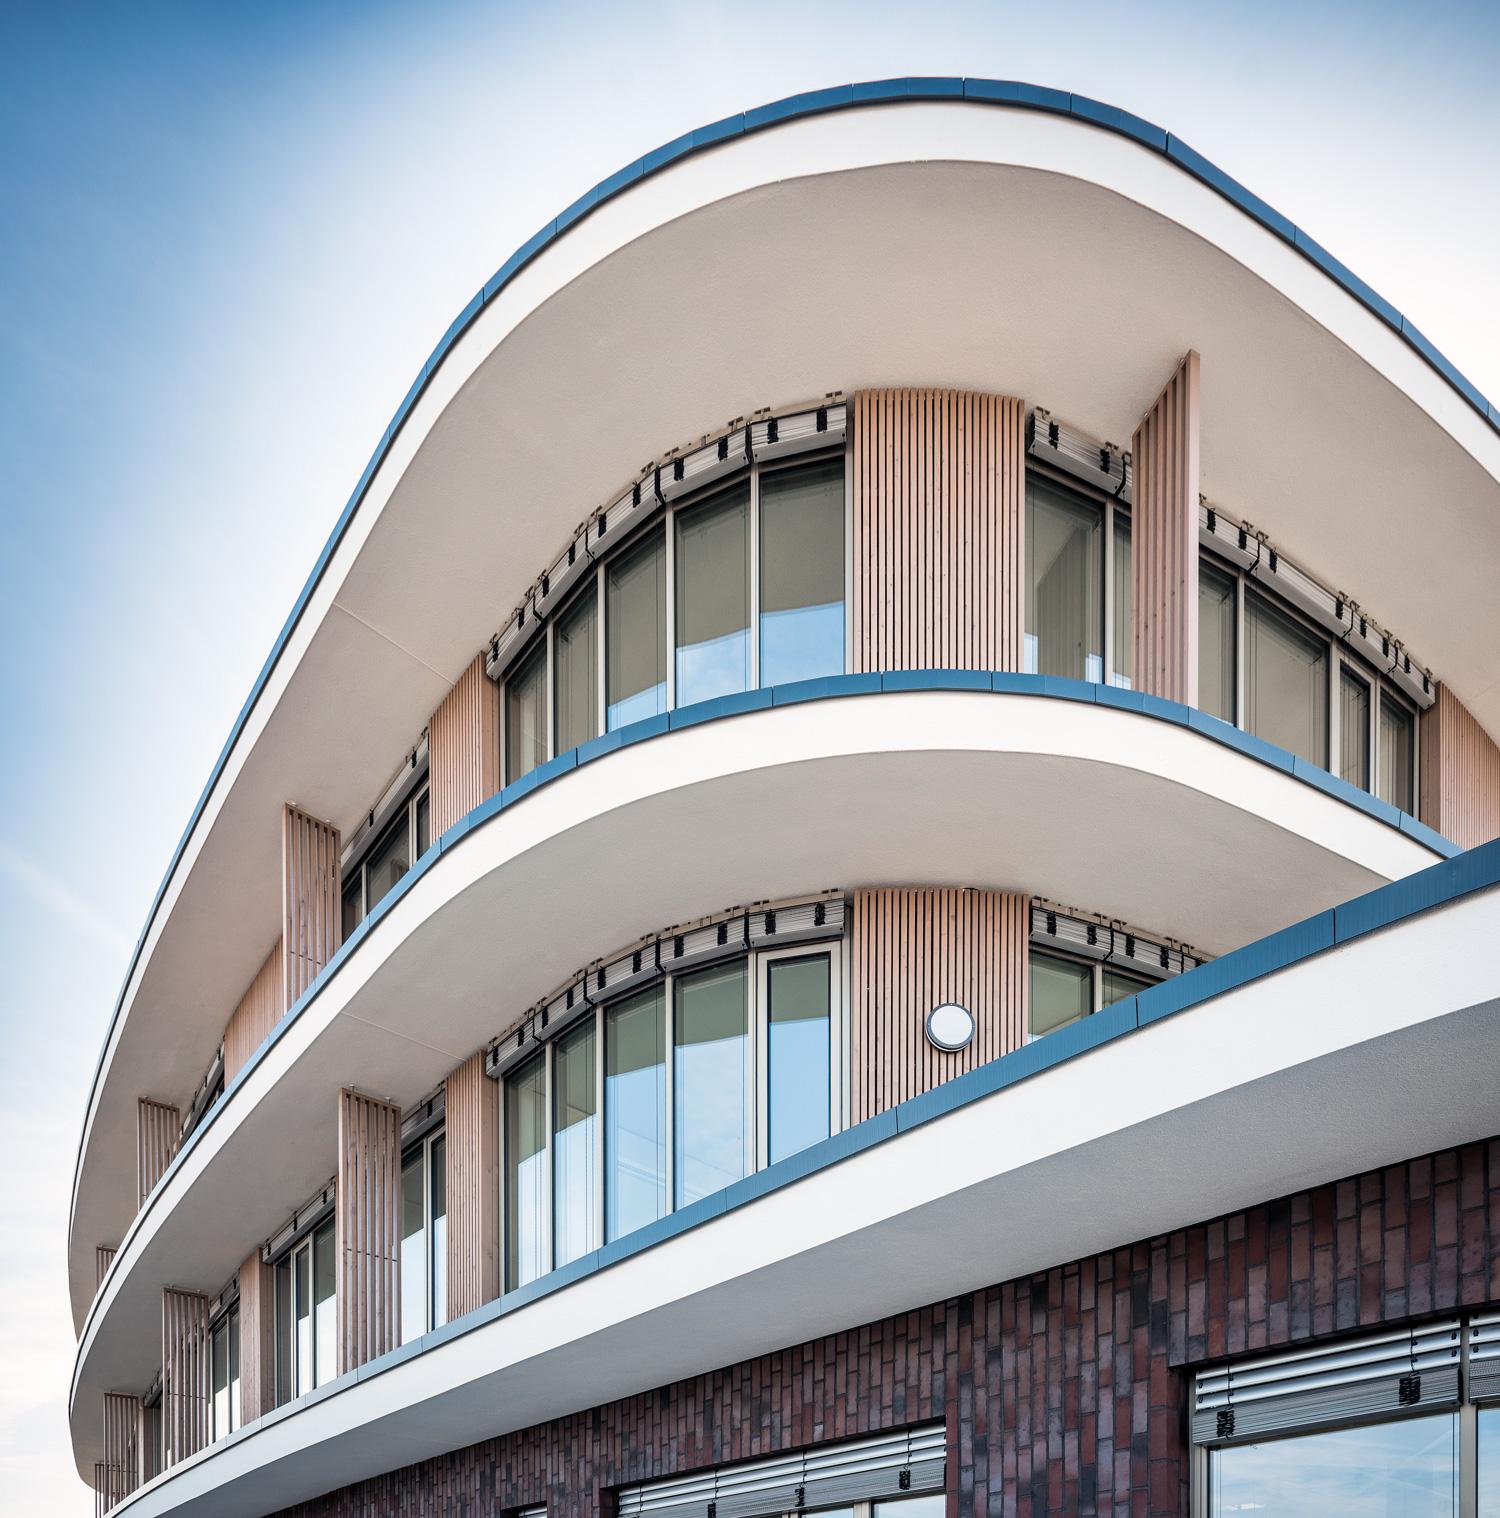 Gesamtwerk Architektur gesamtwerk architektur bayerischer architekturpreis vergeben